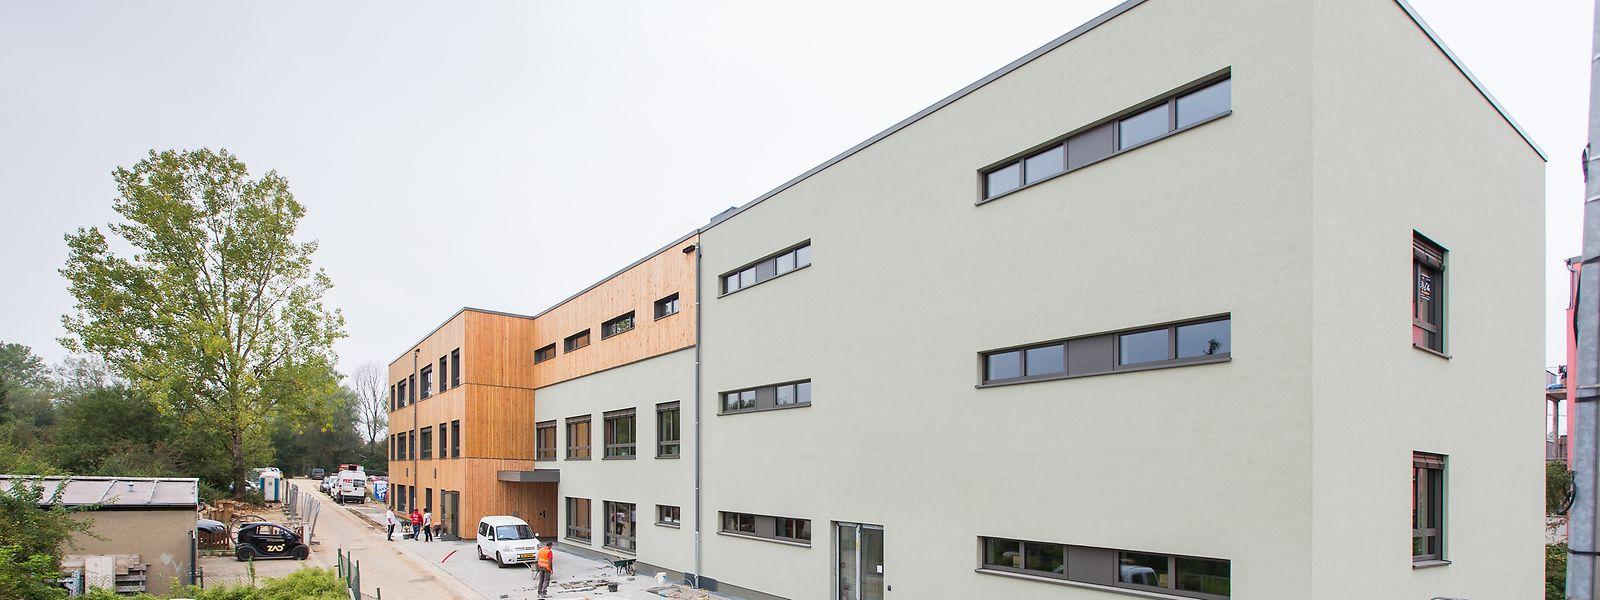 Dier Fertigstellung des Neubaus erfolgte in einer Rekordzeit von sechs Monaten.